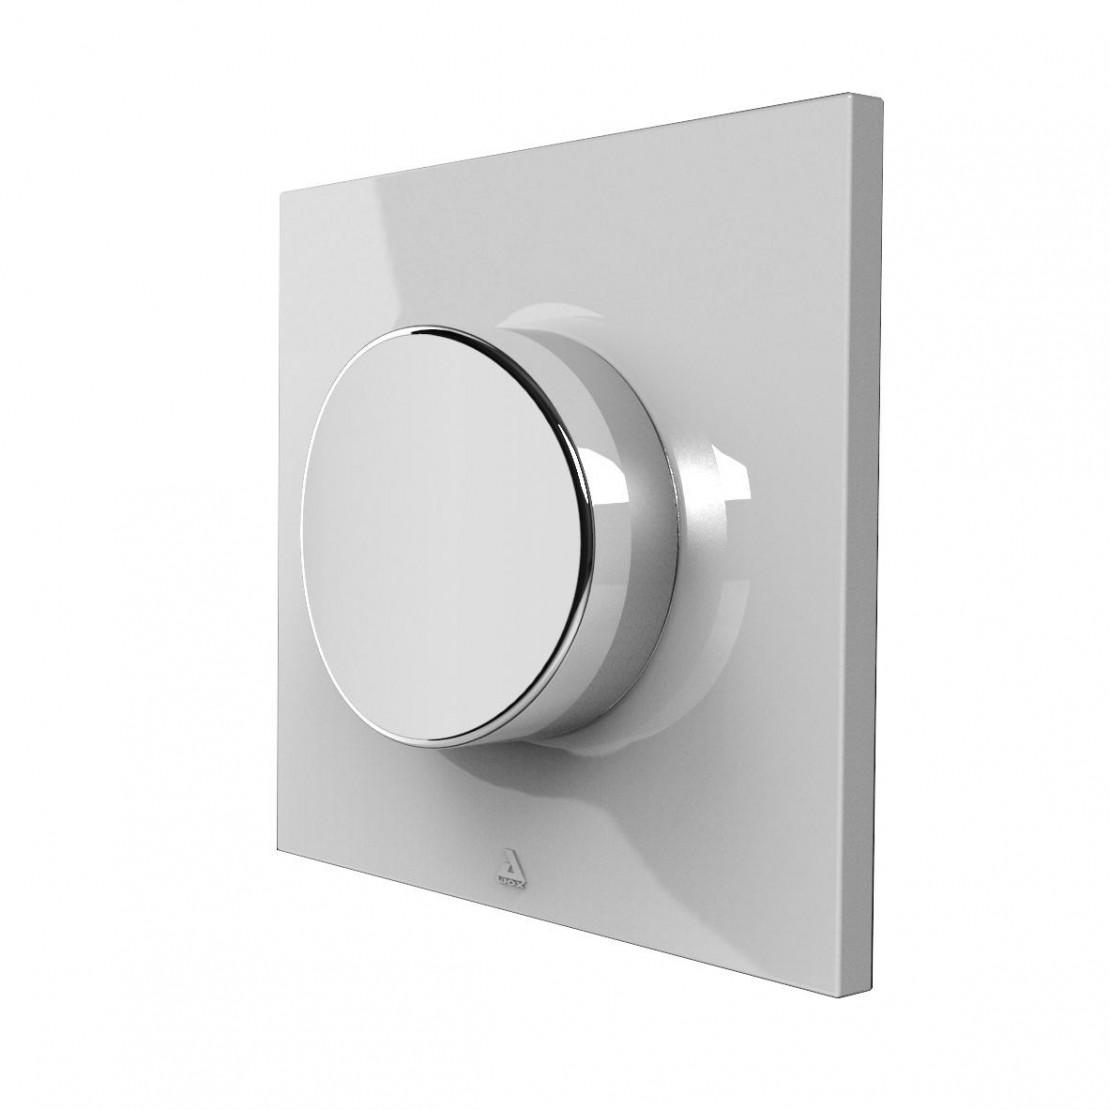 SmartPEBBLE - interruptor gestual sem fios